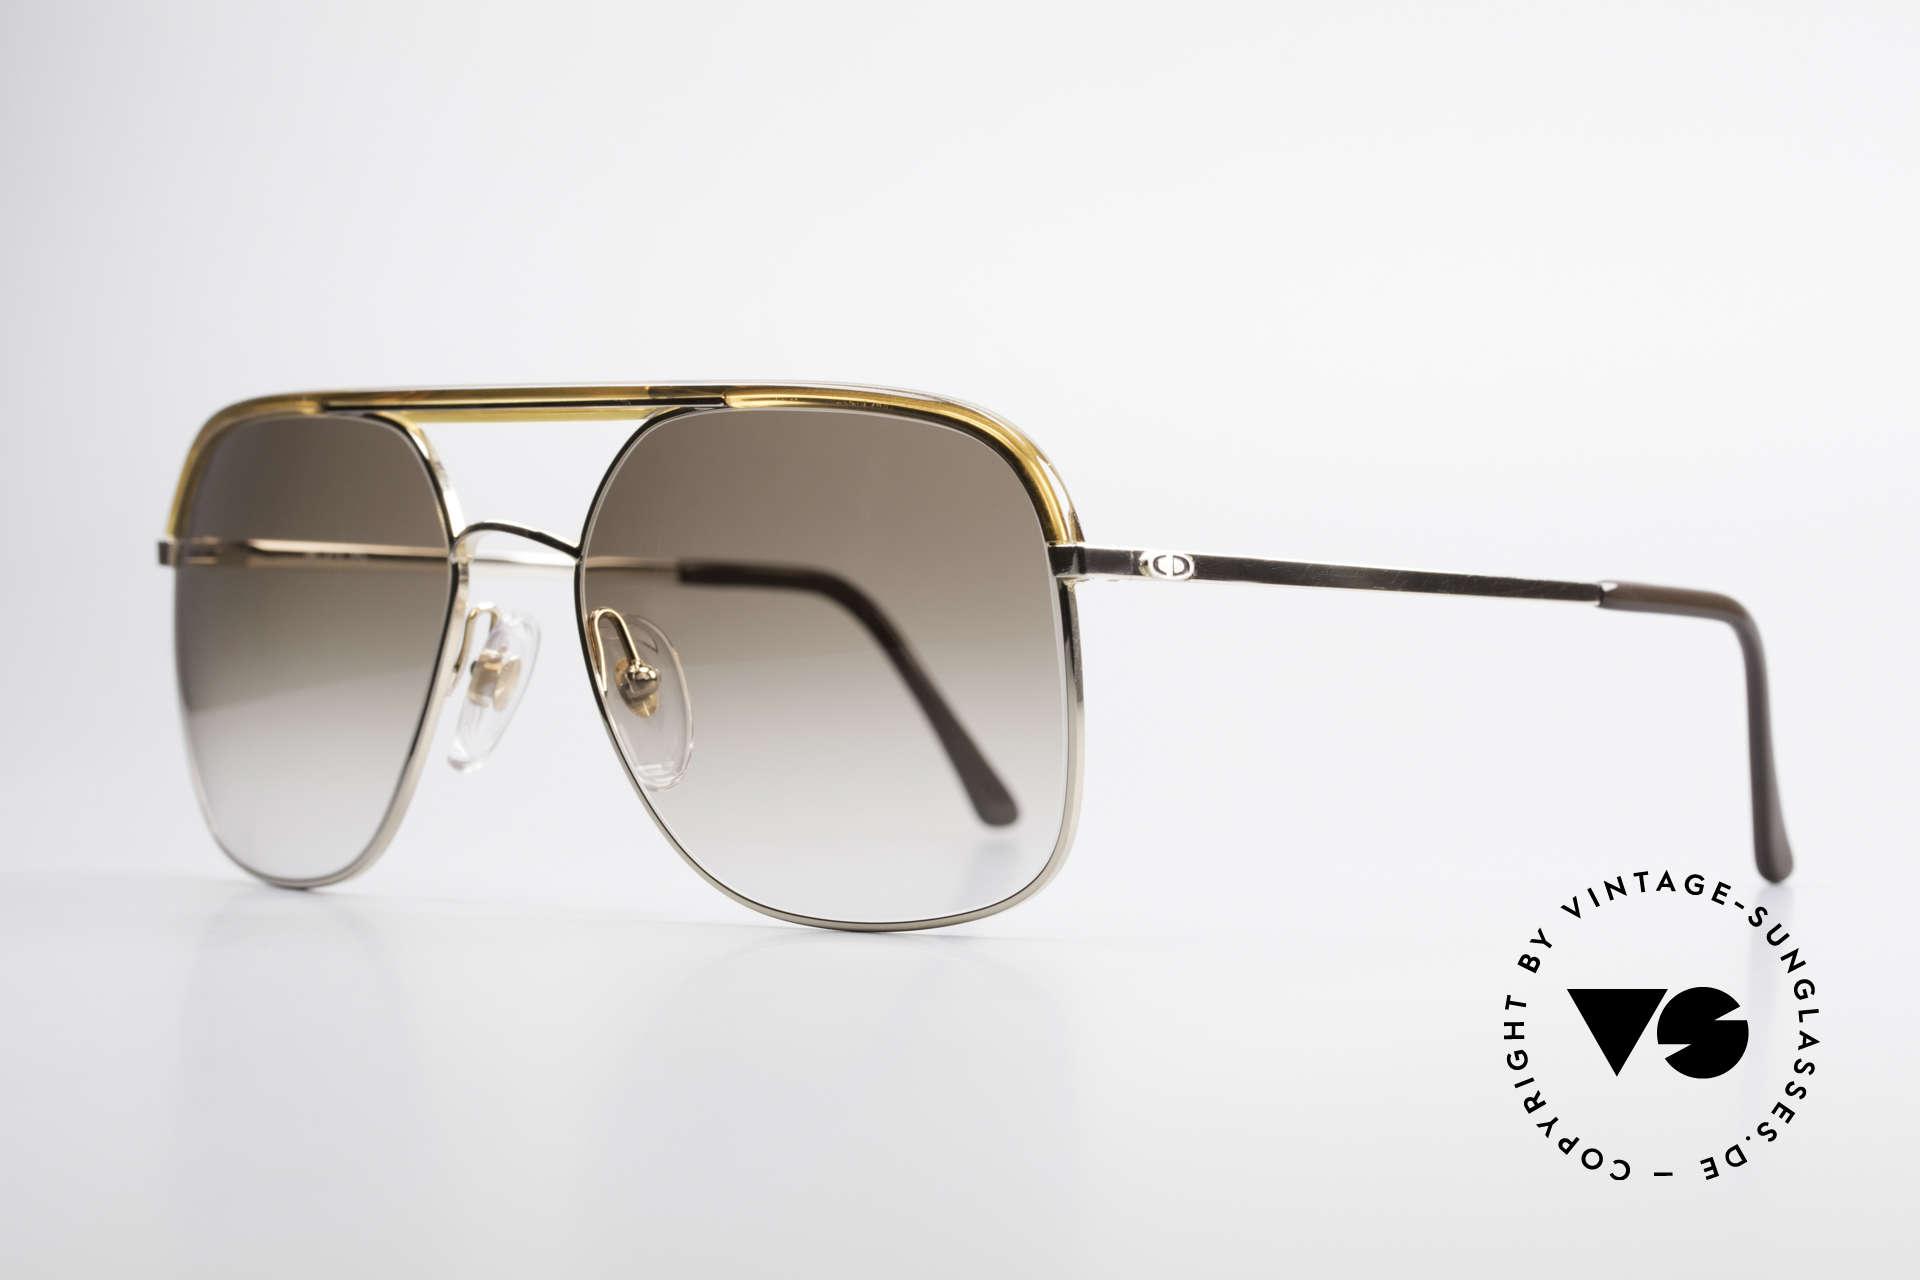 Christian Dior 2247 80er Herren Sonnenbrille, klassischer Achtziger Jahre Look (einfach edel markant), Passend für Herren